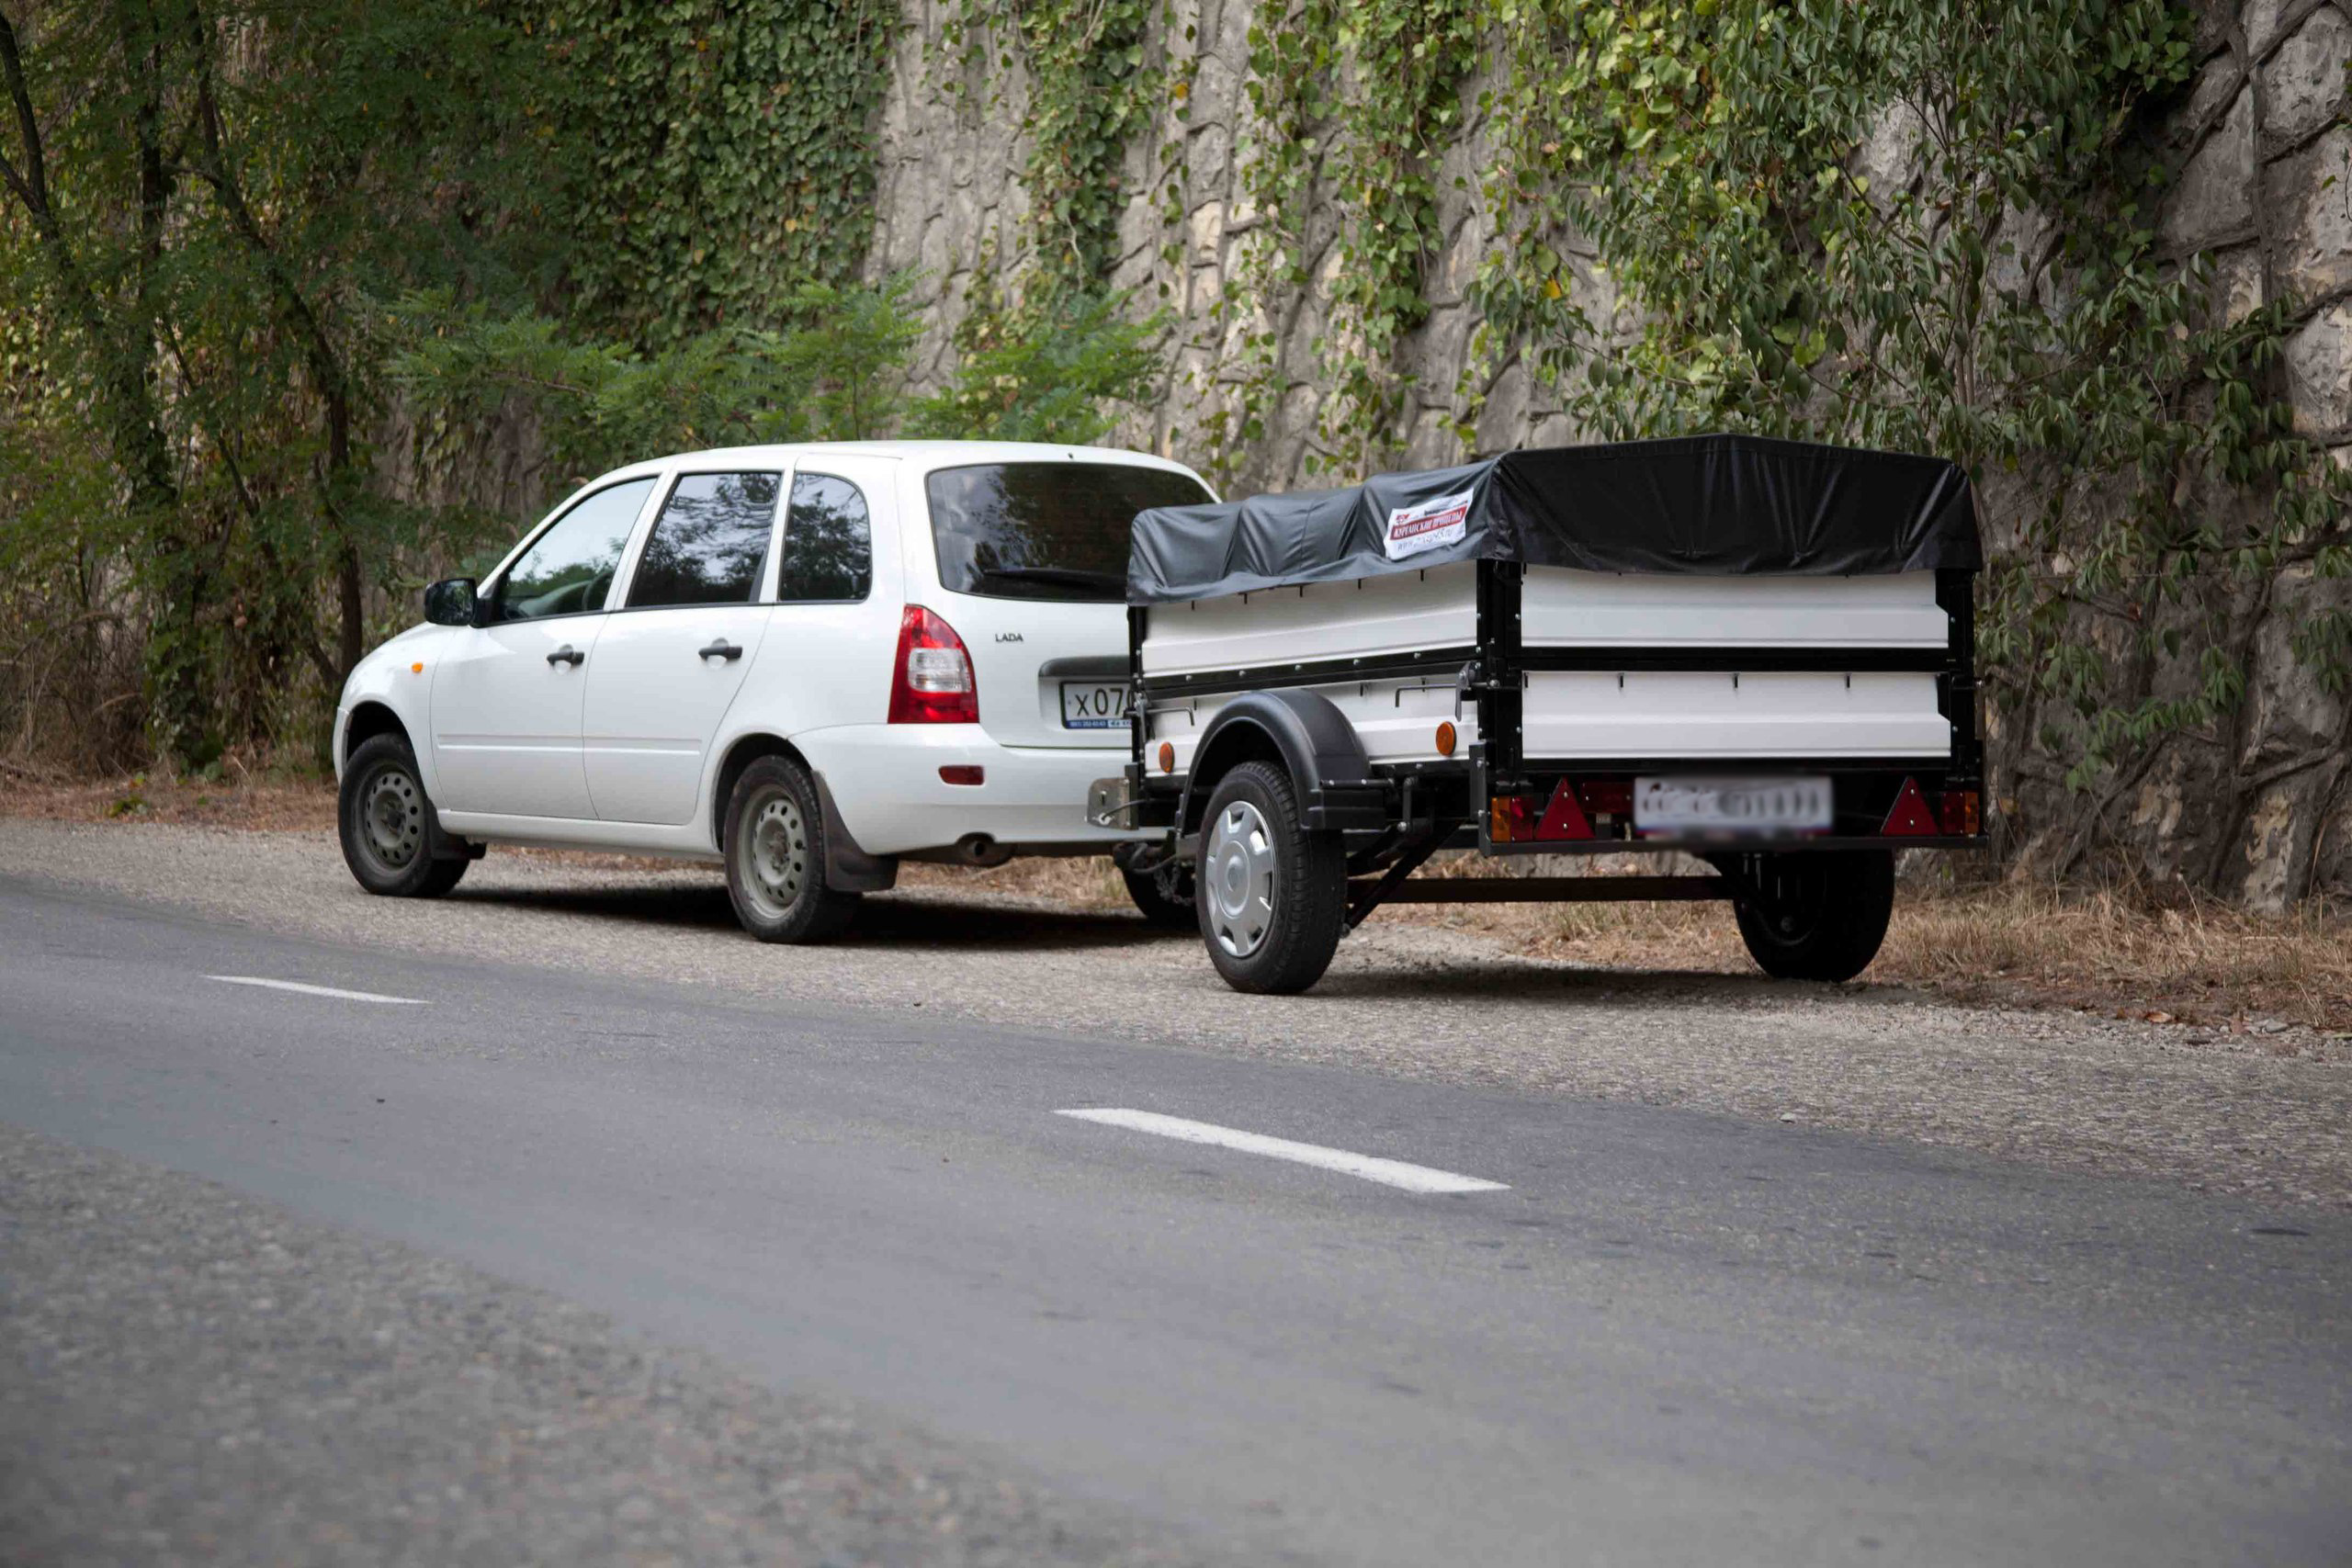 Постановка автомобиля на учет в гибдд — поставить машину на учет в.